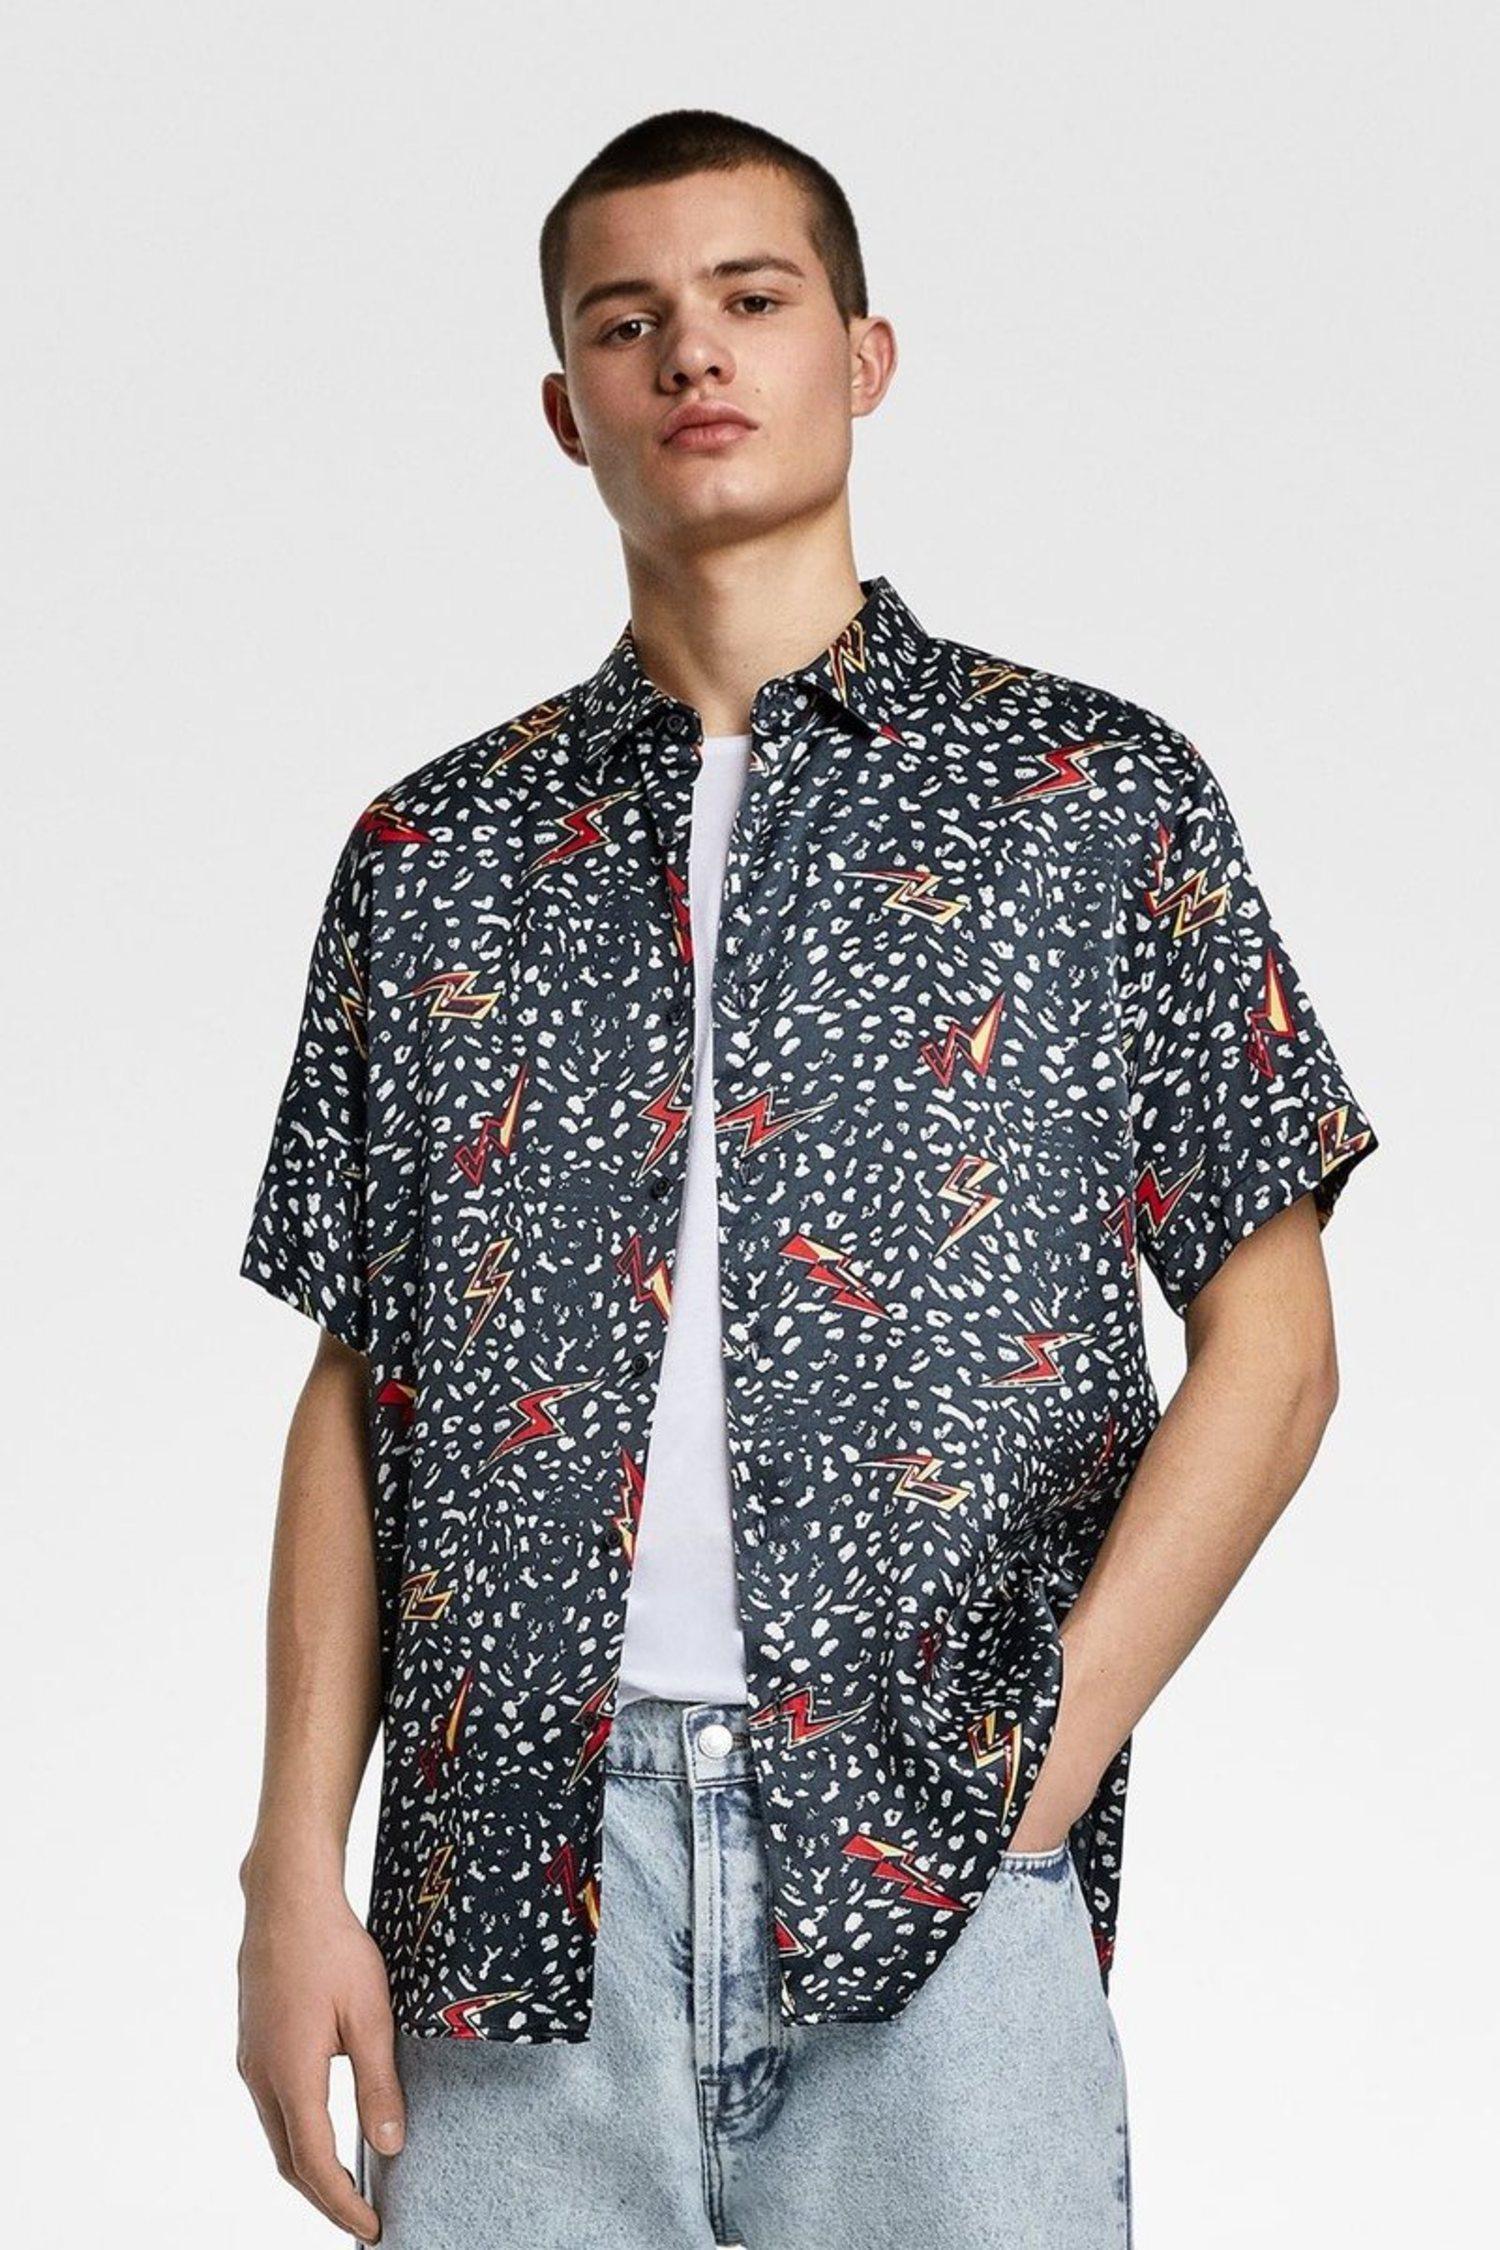 Camisa con estampado de rayos y fondo negro